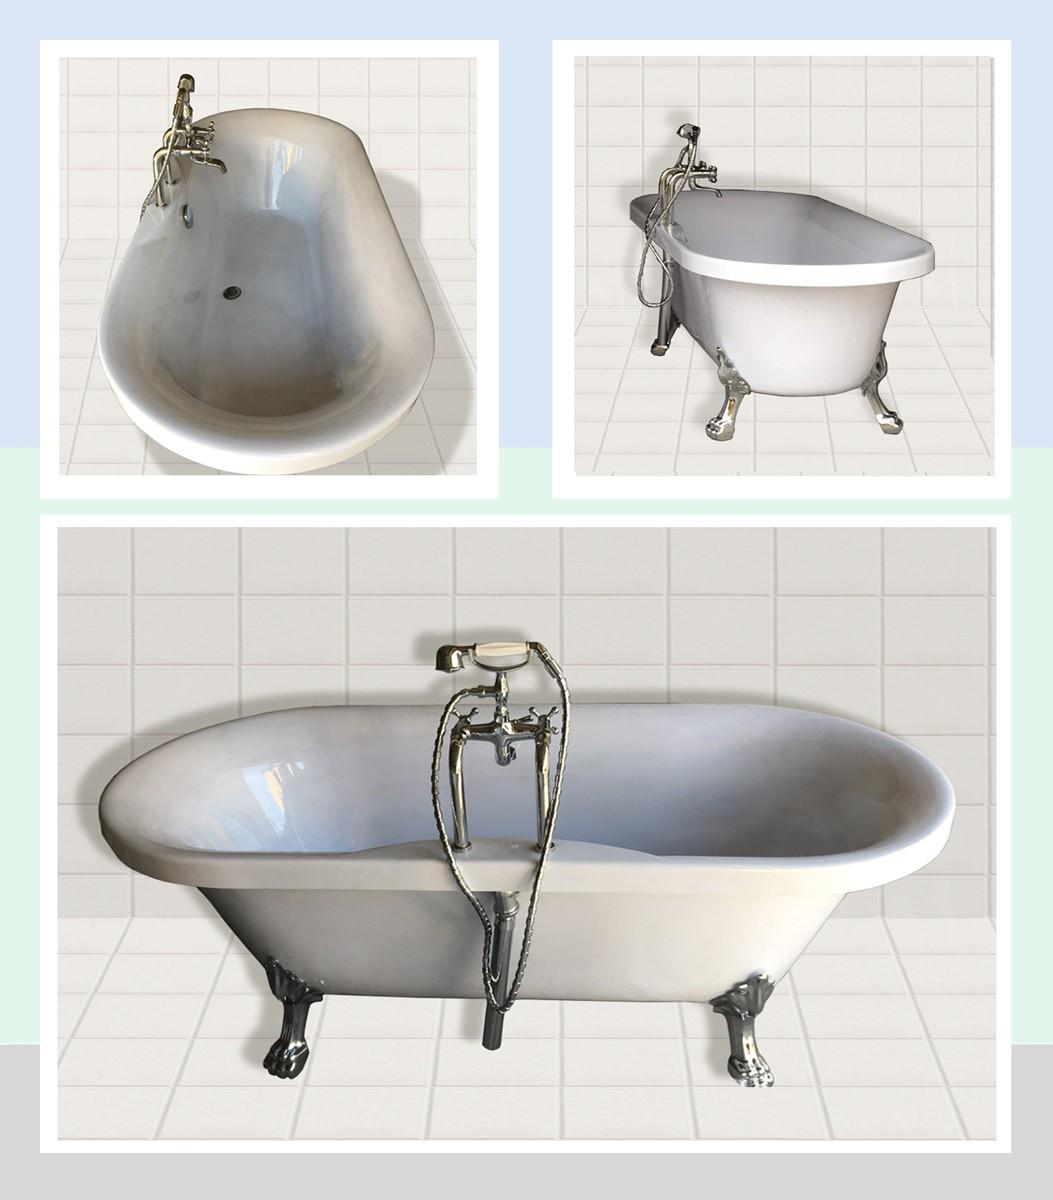 浴槽、バスタブ、バスタブ一般、お風呂、浴室設備、家庭用品